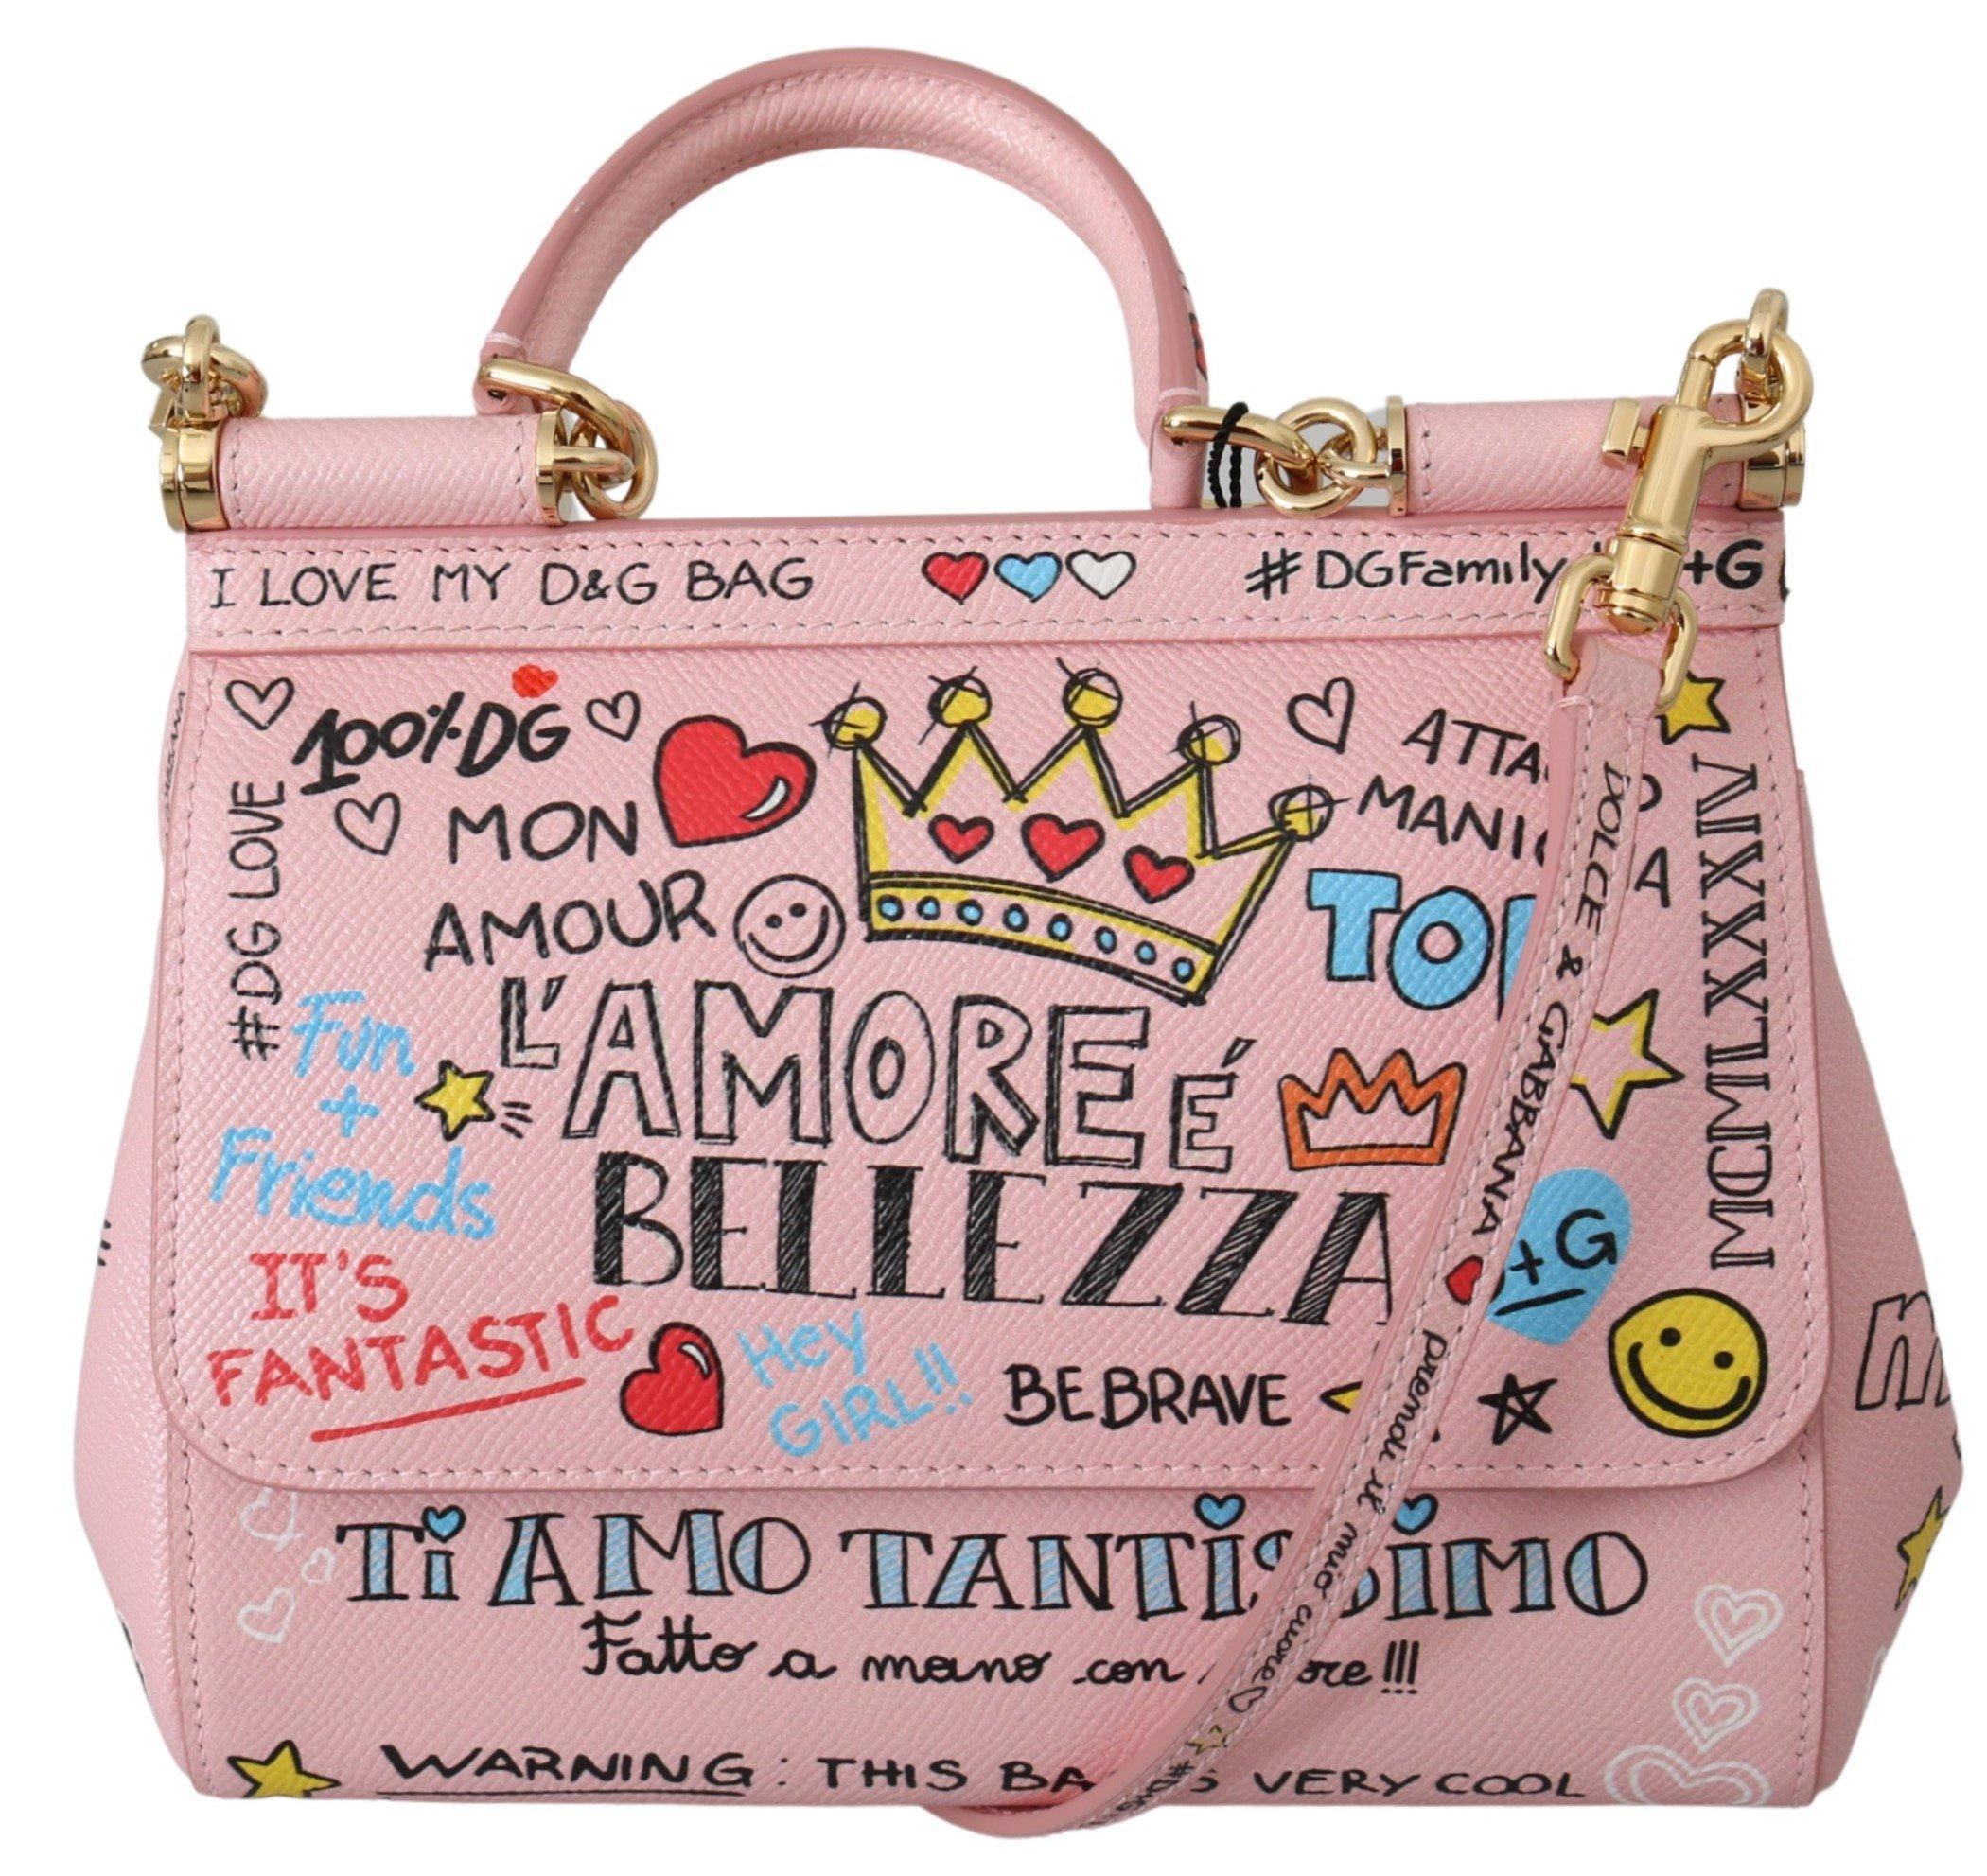 Dolce & Gabbana Women's Amore SICILY Shoulder Bag Pink VAS9955